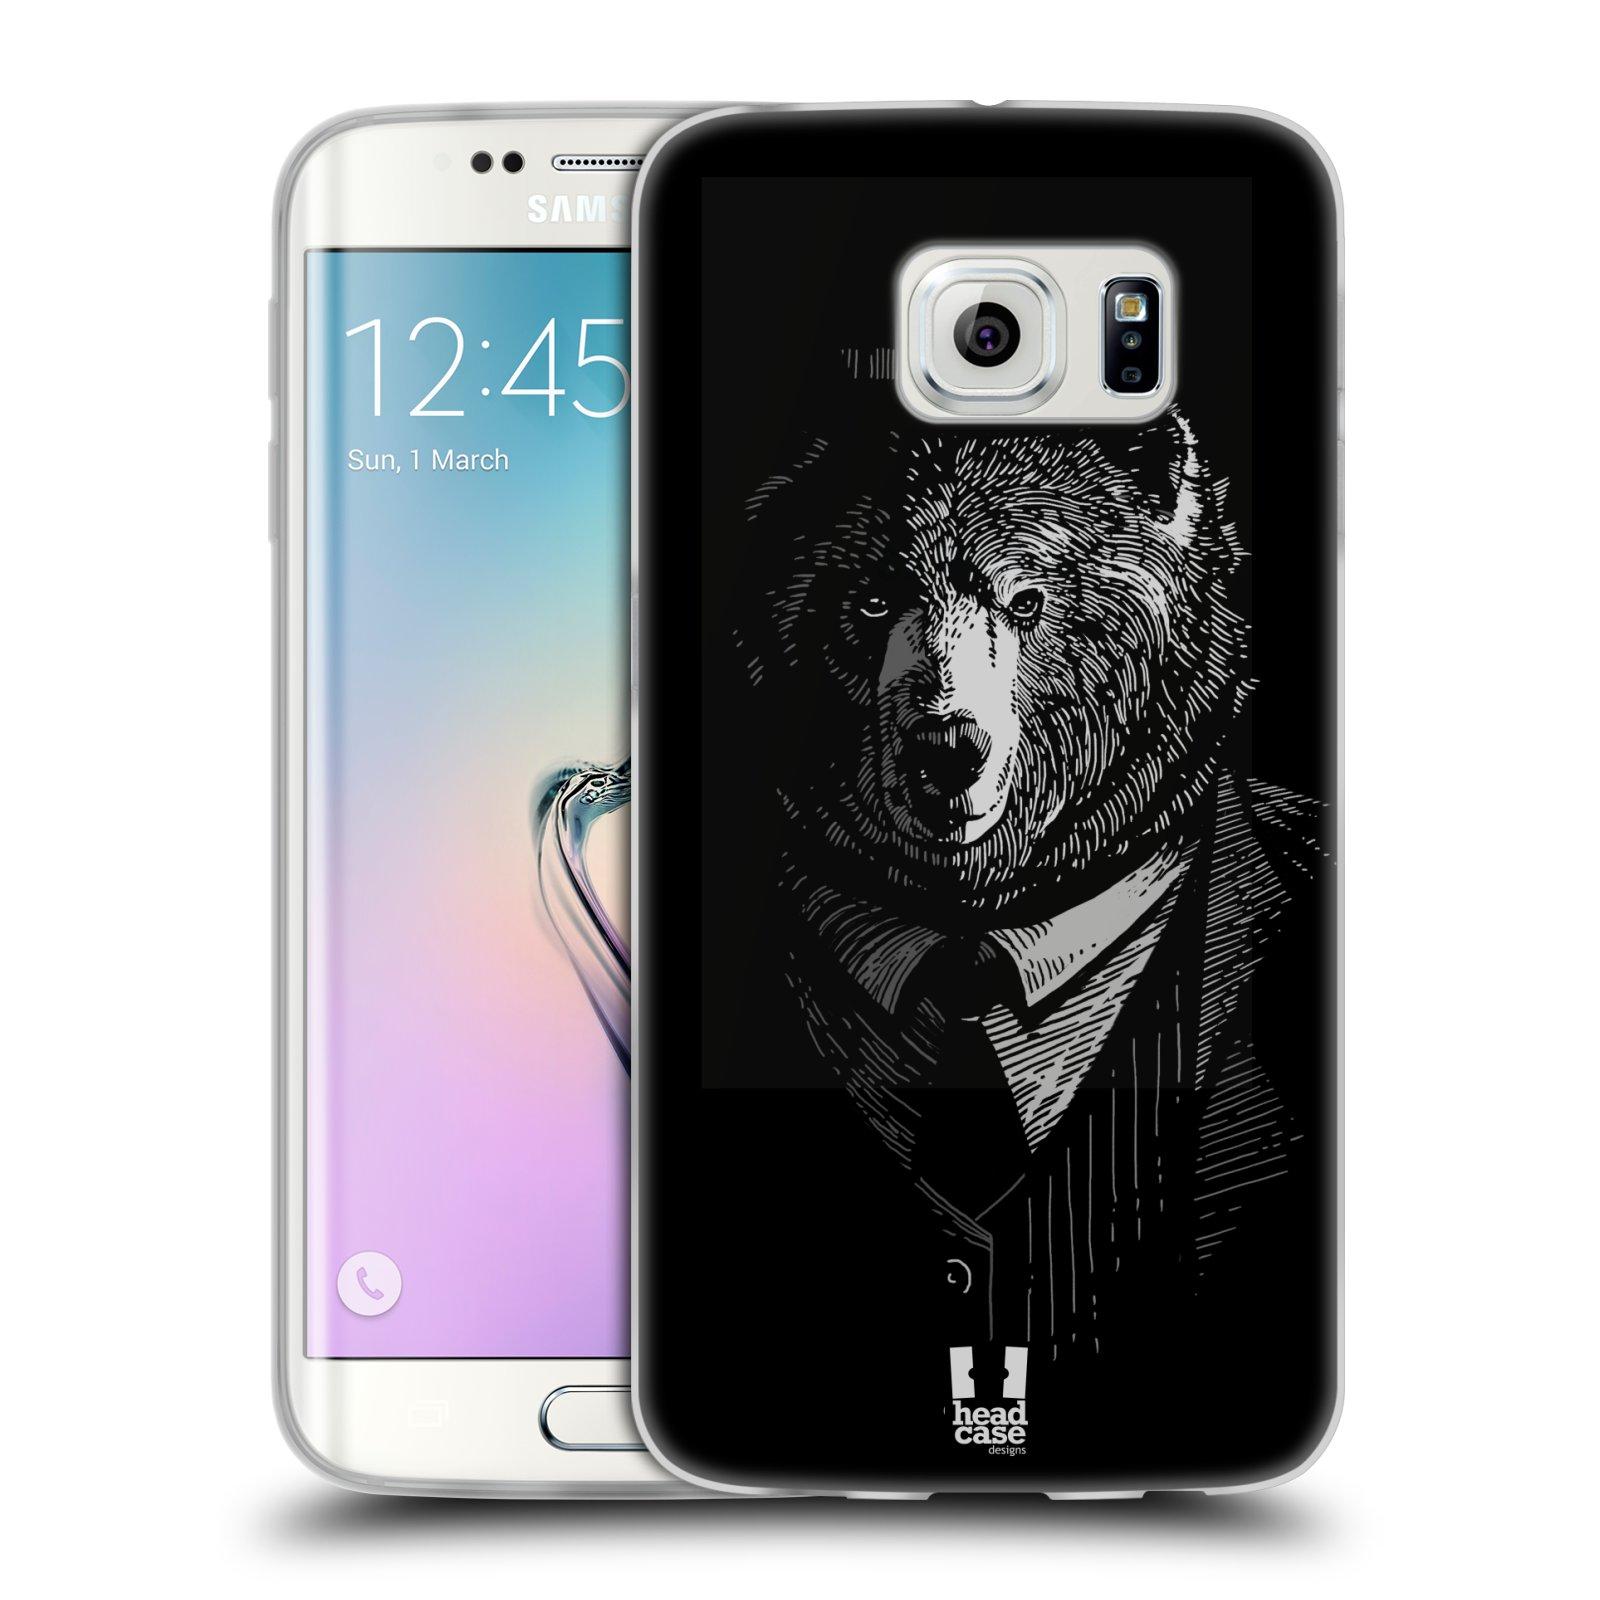 Silikonové pouzdro na mobil Samsung Galaxy S6 Edge HEAD CASE MEDVĚD V KVÁDRU (Silikonový kryt či obal na mobilní telefon Samsung Galaxy S6 Edge SM-G925F)